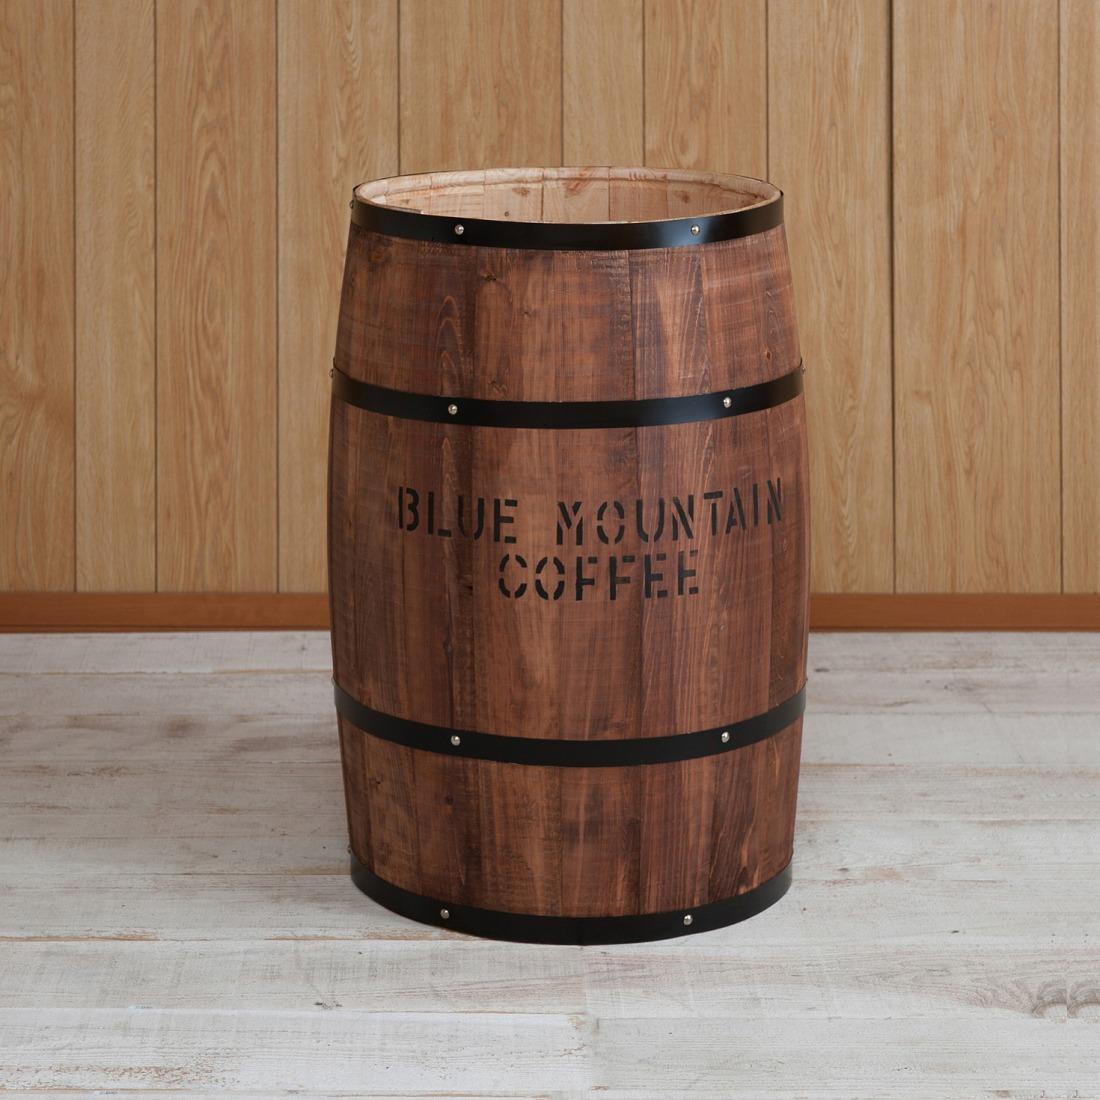 国産木樽 特大サイズ ブラウン たる タル 木樽 プランター ウッド 木製 小物入れ インテリア おしゃれ かわいい 雑貨(代引不可)【送料無料】